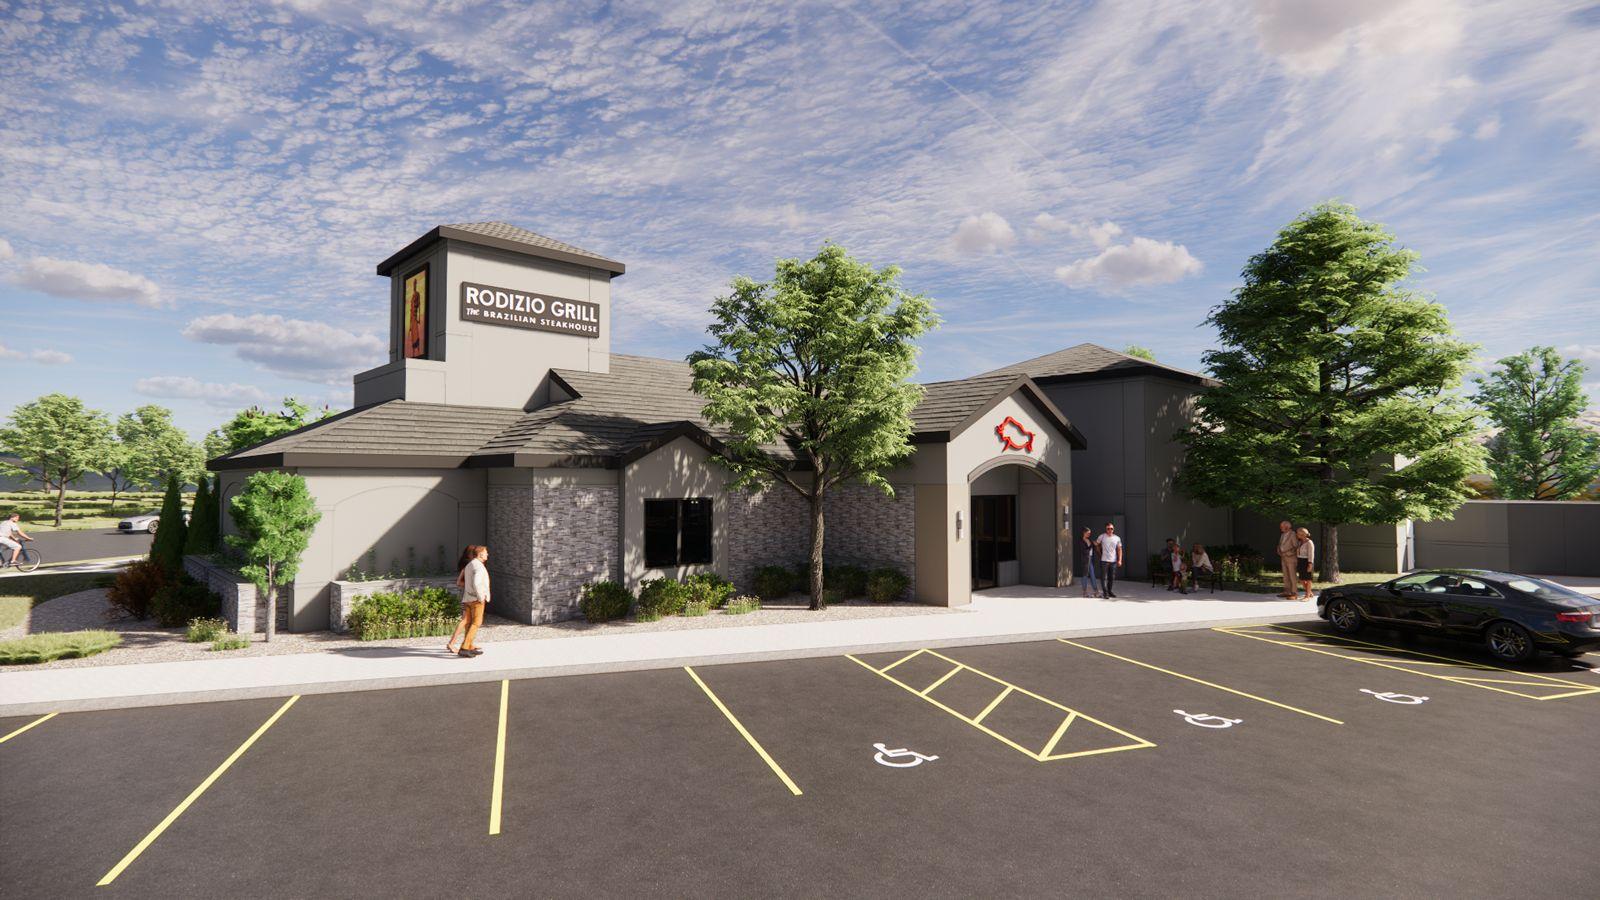 Rodizio Grill To Open Second Location in Metro Denver